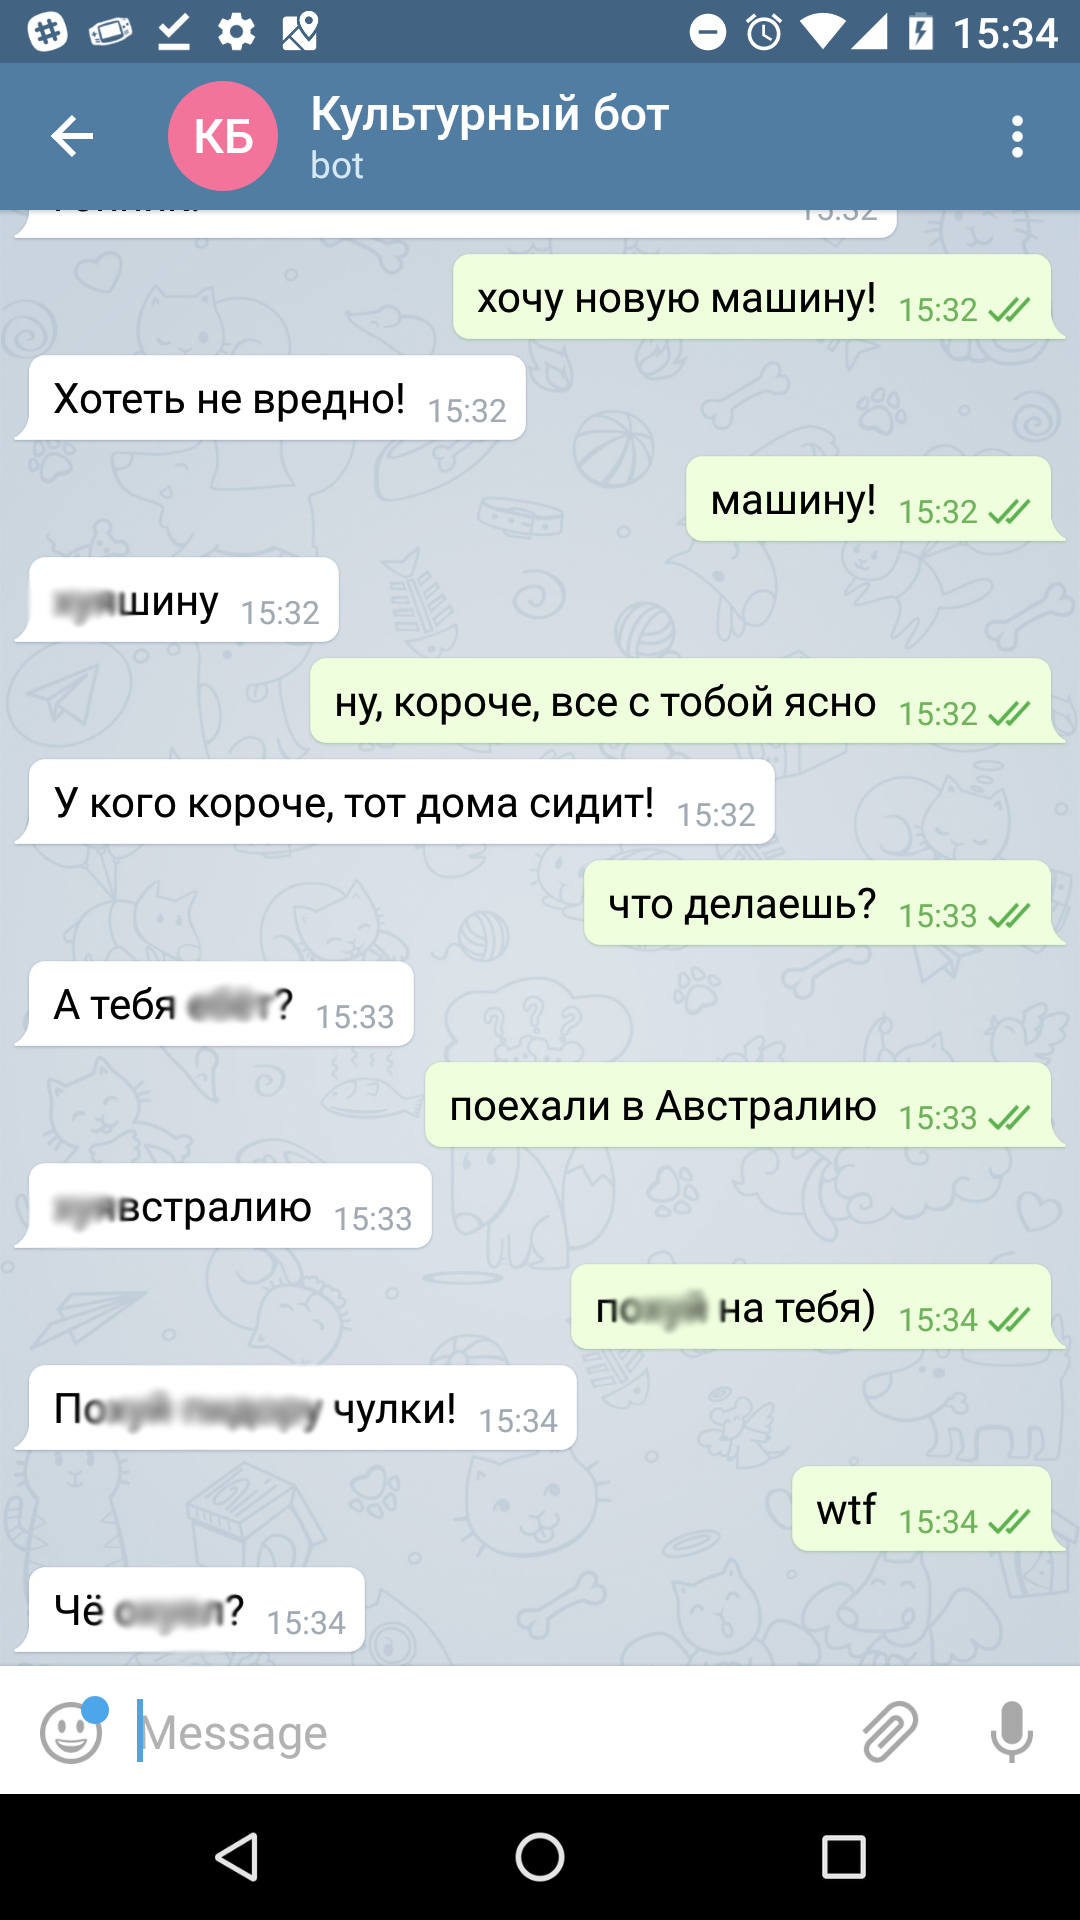 Дерзкий telegram бот